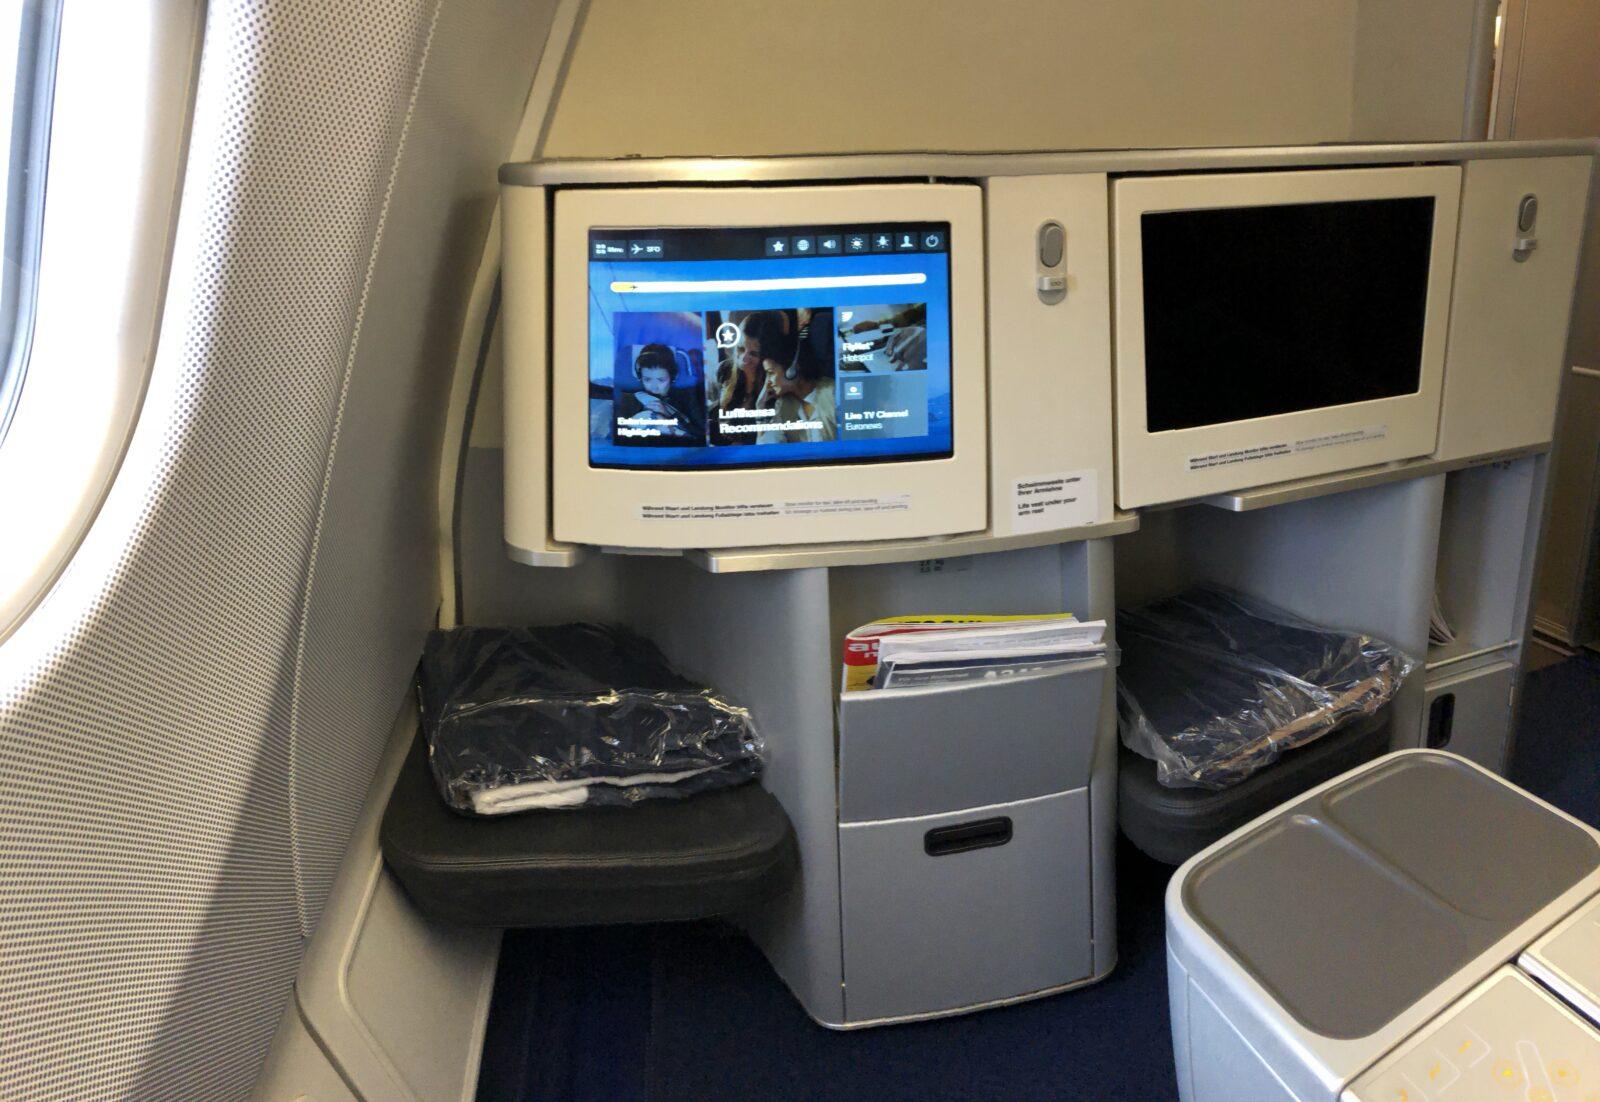 Platz und Bildschirm in der Lufthansa Business Class